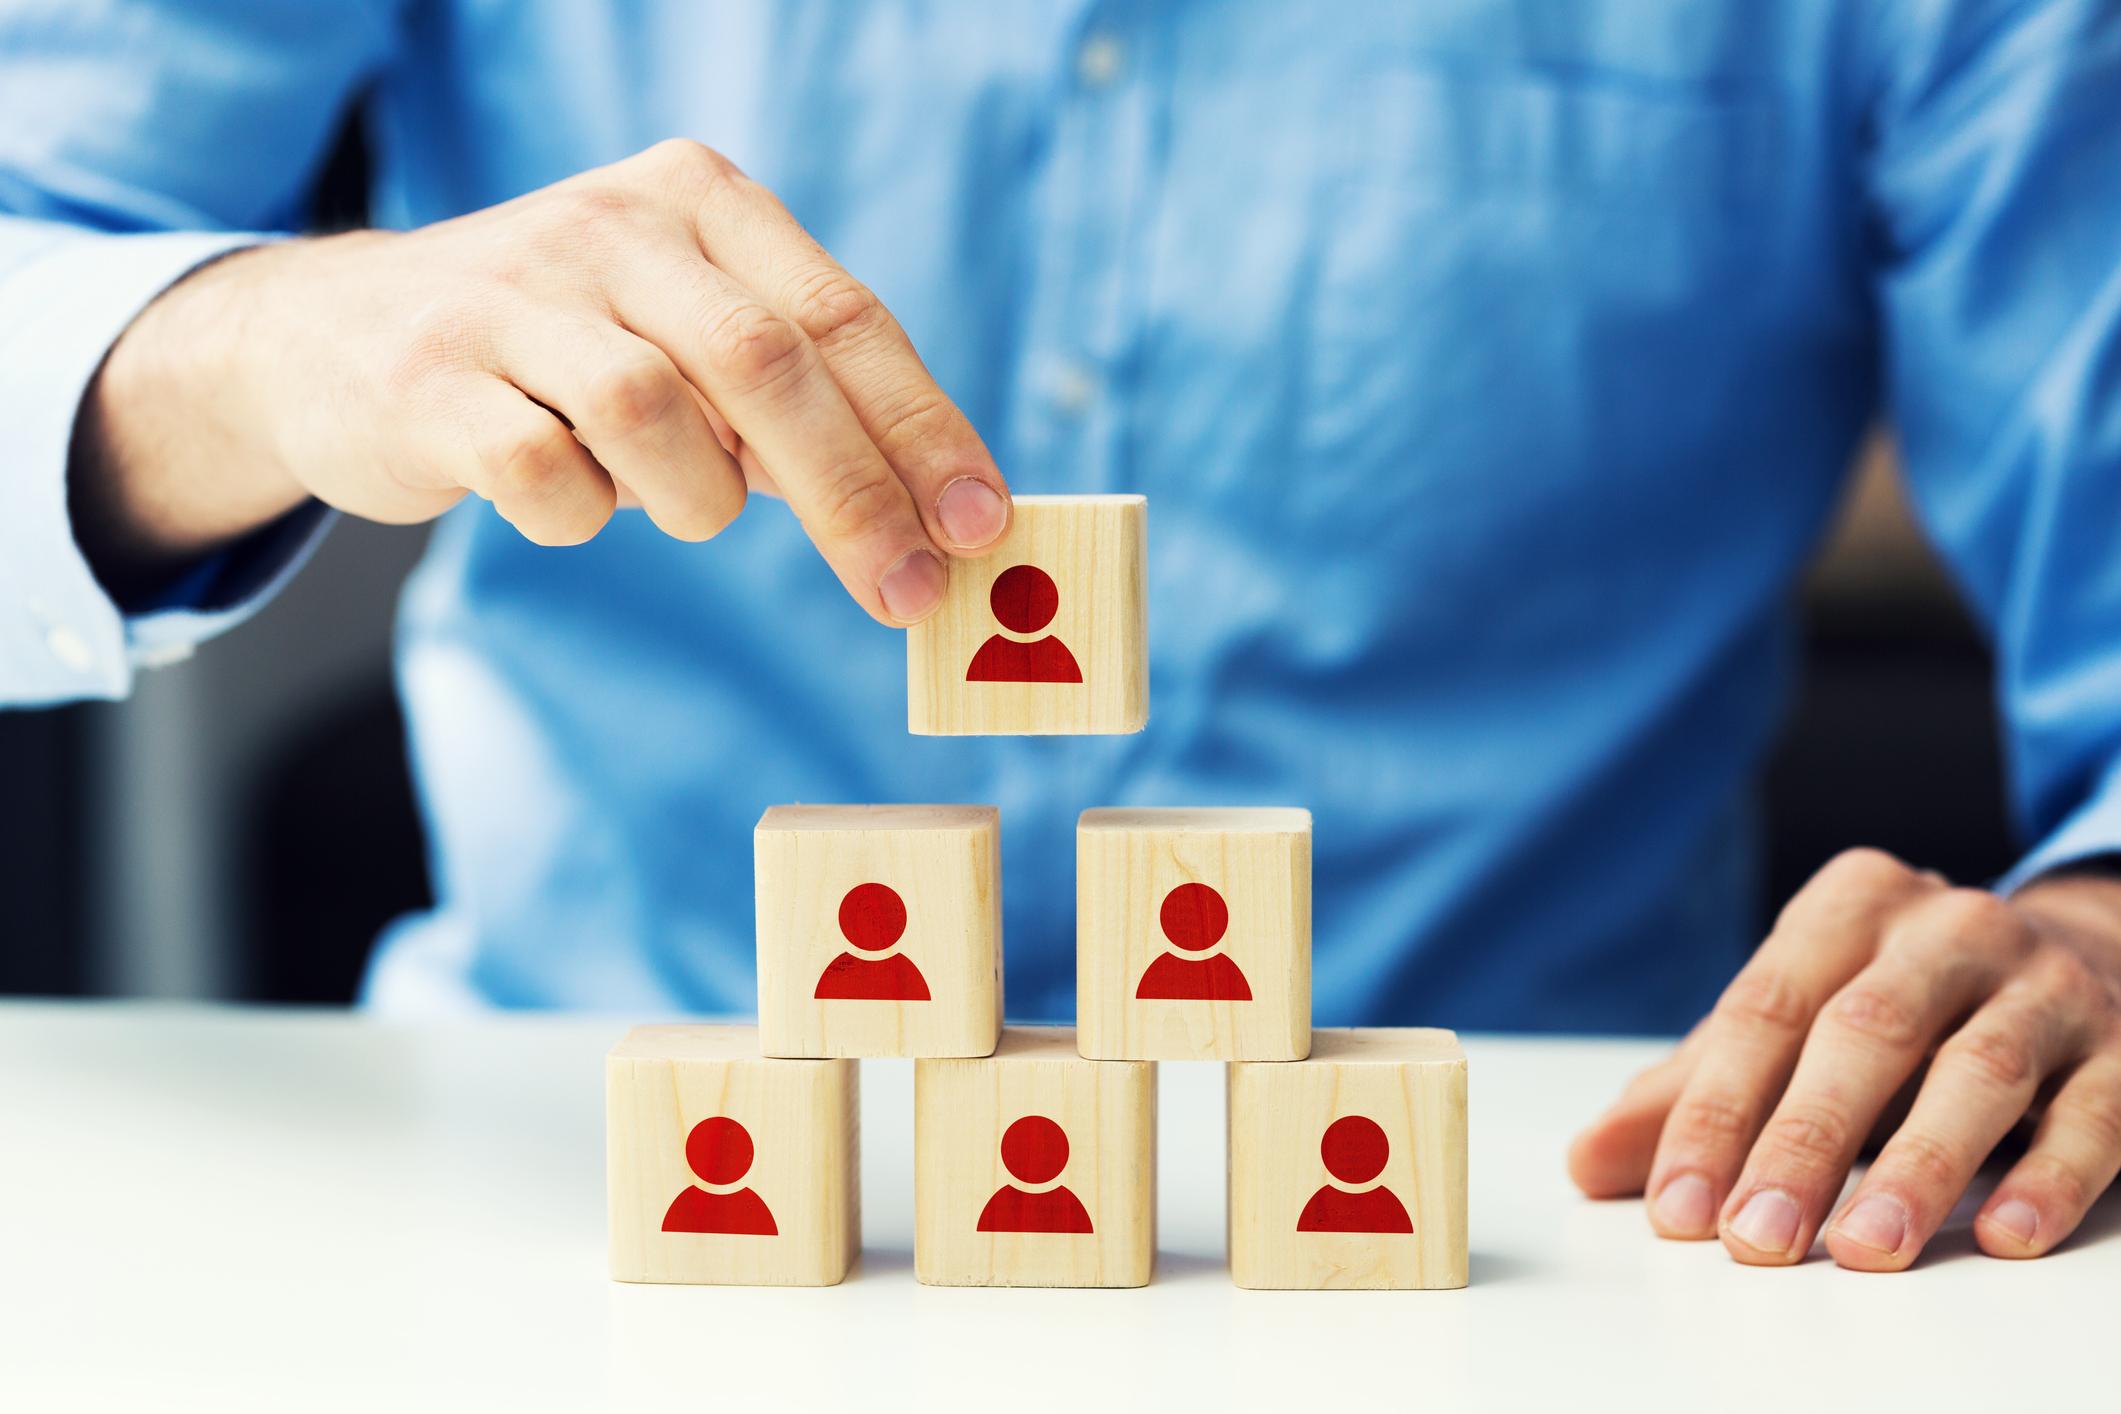 Công ty TNHH 2 thành viên trở lên có những đặc điểm gì nổi bật?